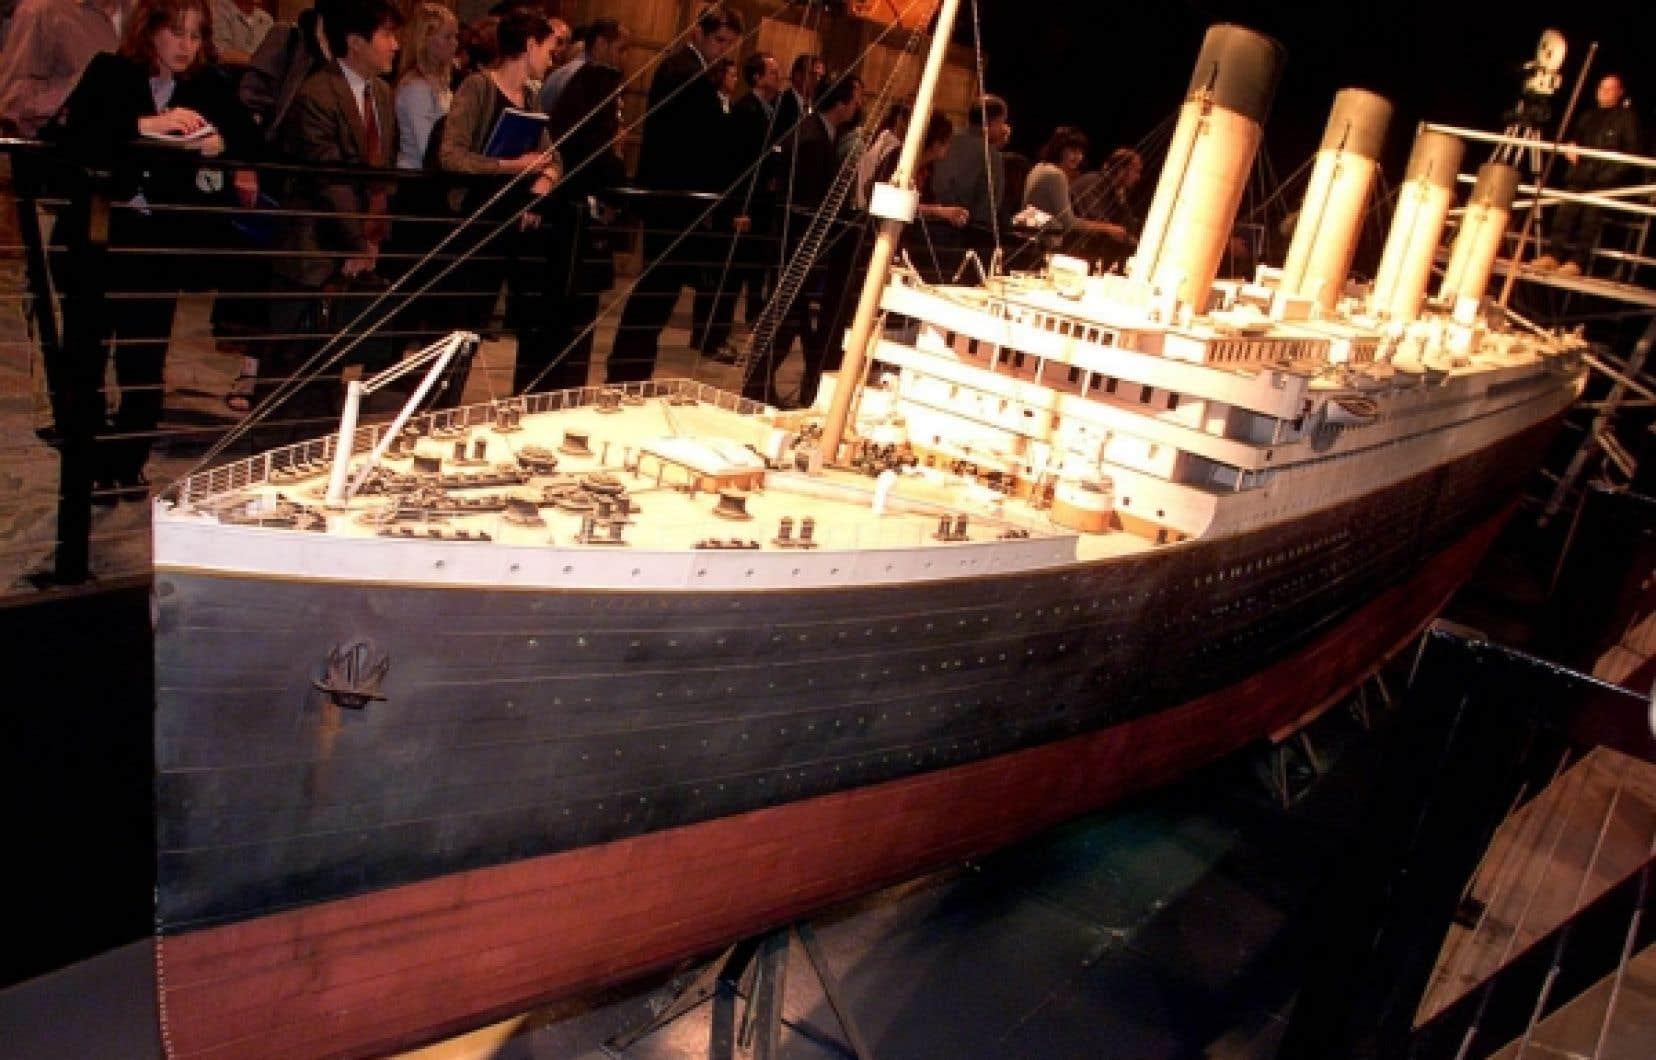 Le plus gros modèle réduit du Titanic mesurait 13 mètres de long et avait été conçu pour ressembler à l'original jusque dans ses moindres détails.